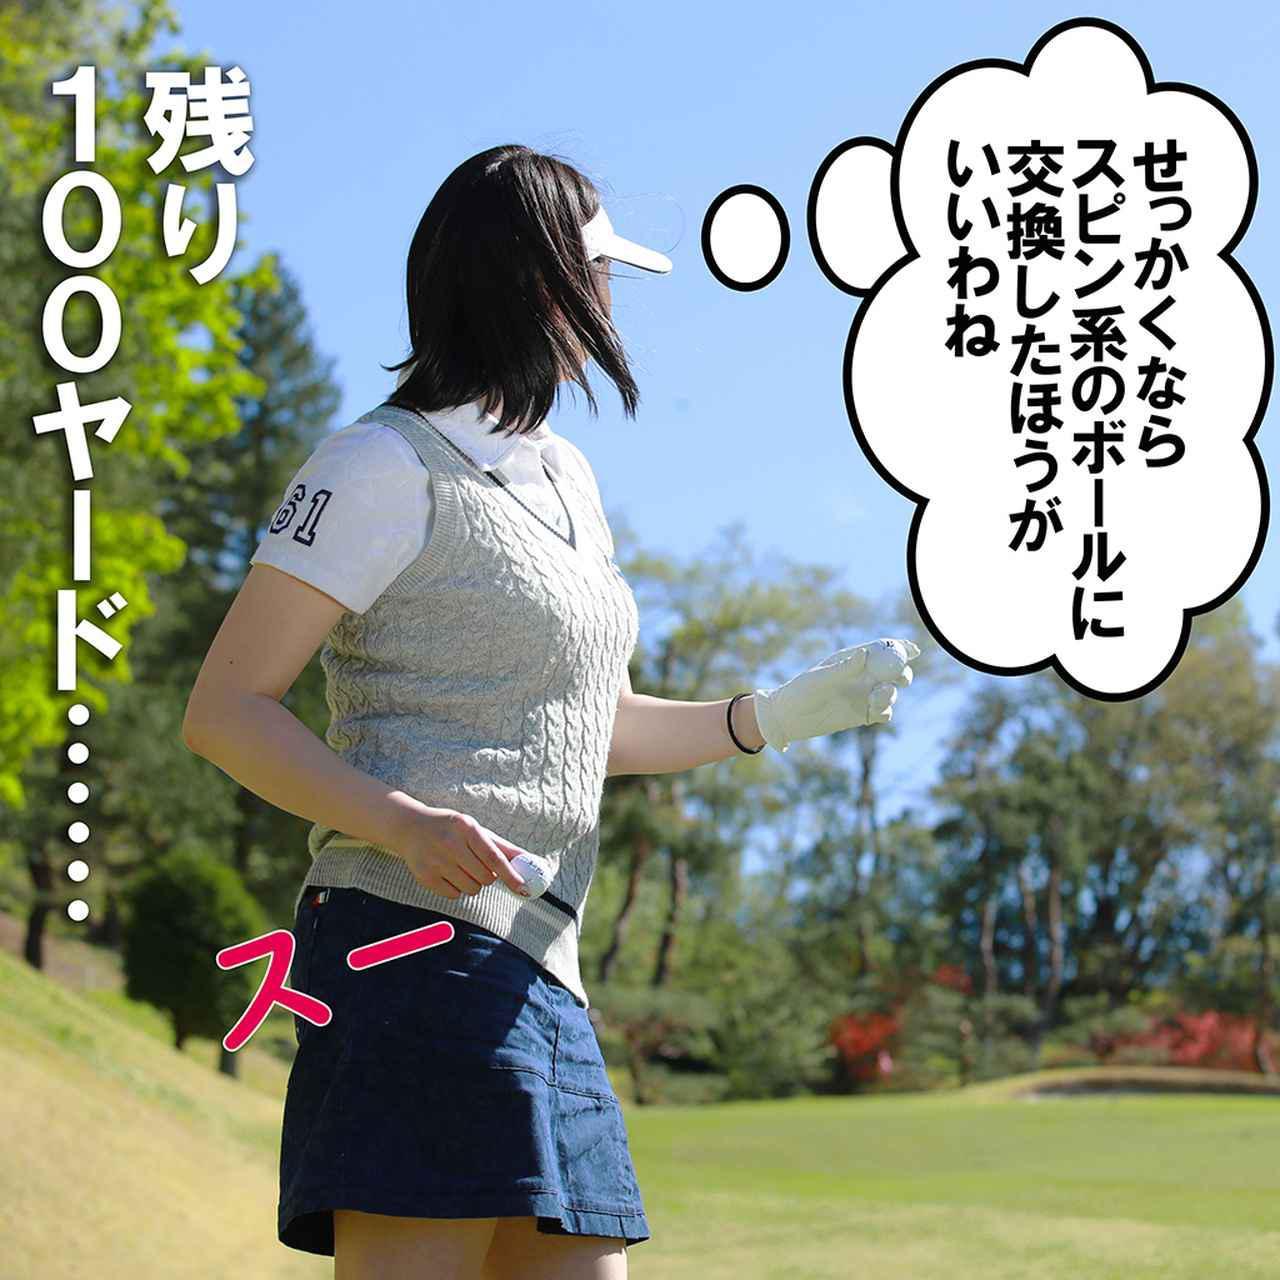 画像2: 【新ルール】インプレー中に、性能の違う球に交換できる? できない?